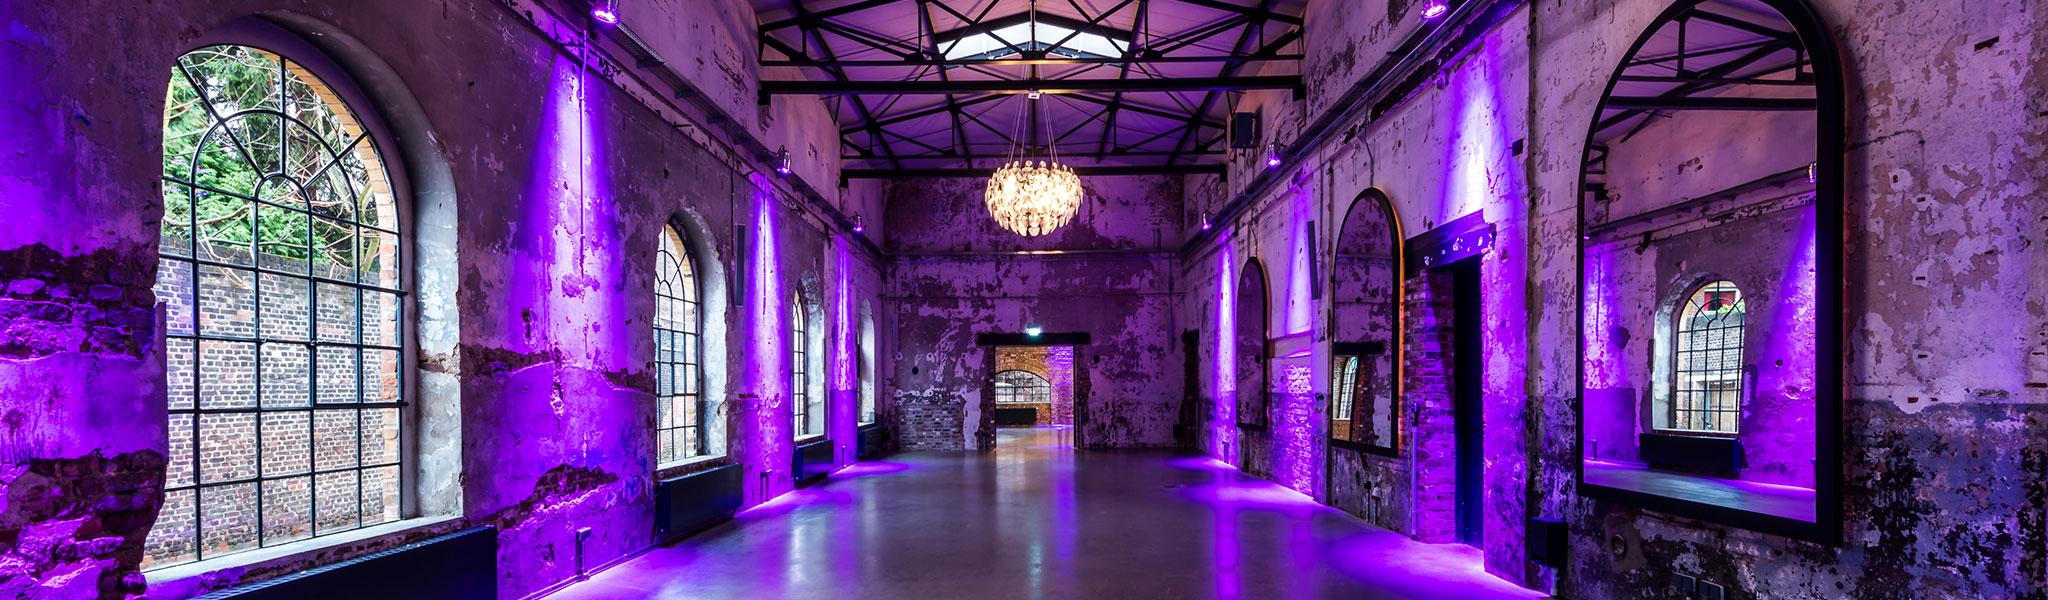 Professioneller Event DJ René Pera im leeren Harbour.Club/Köln. Der Raum erstrahlt in lila.